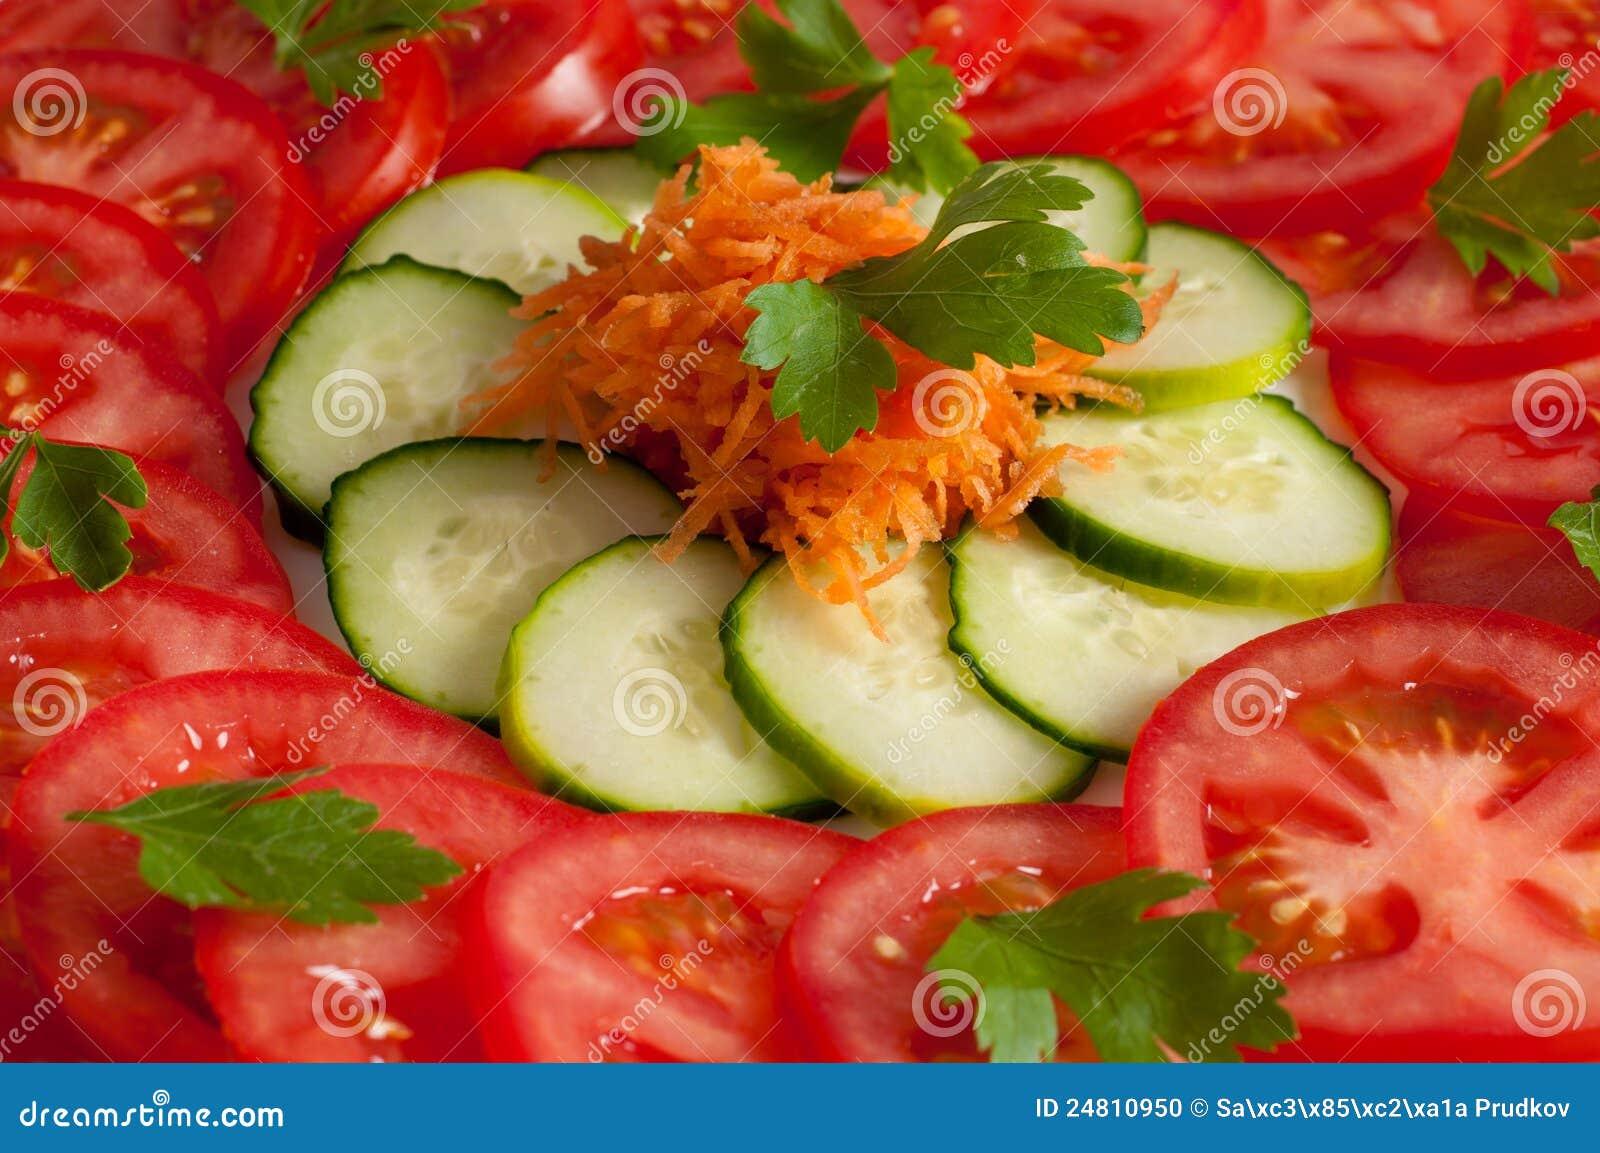 pics Easy Tomato and Mozzarella Salad